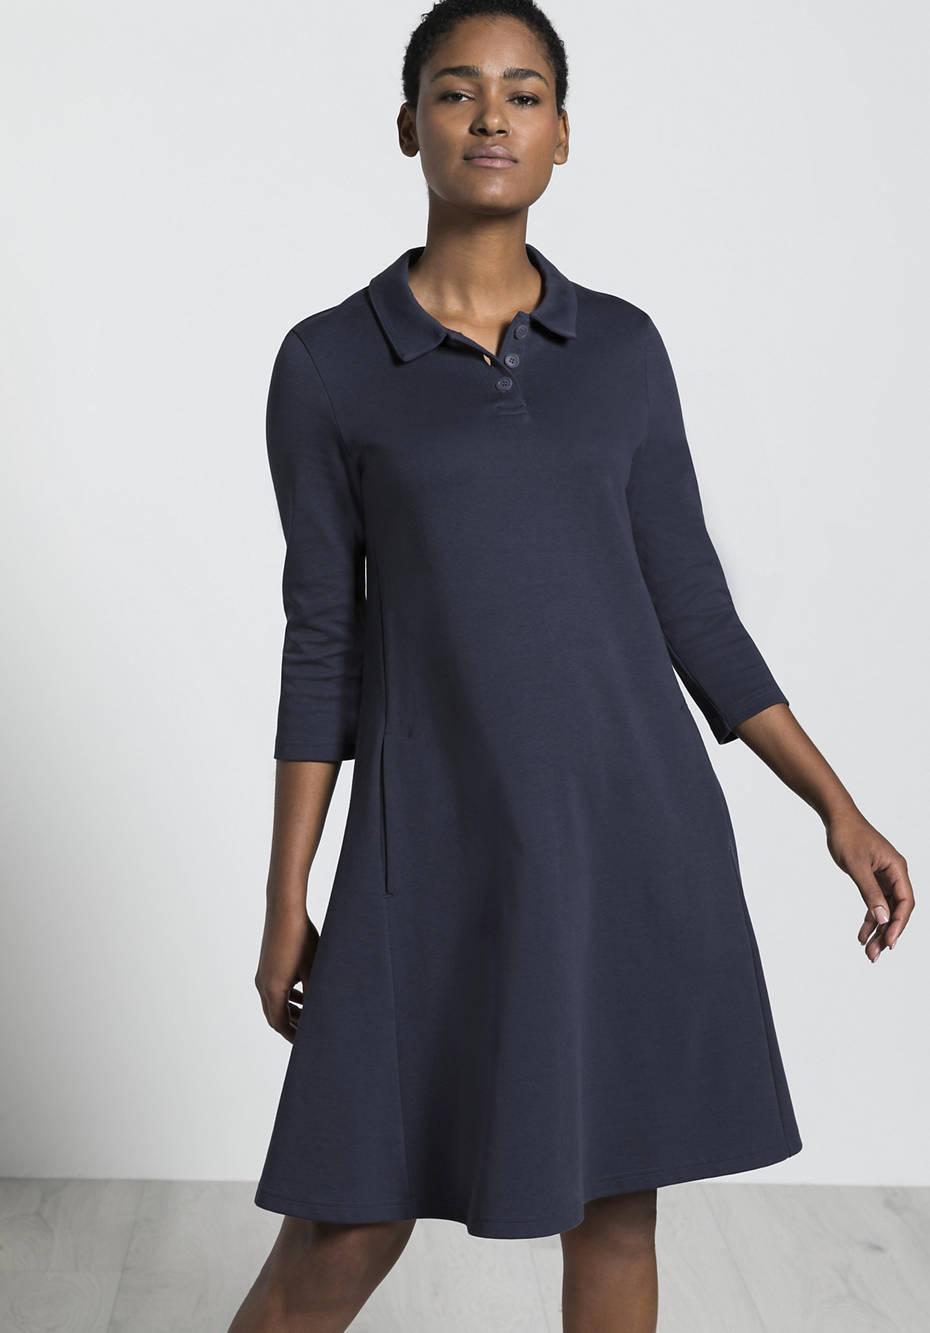 Organic cotton polo dress